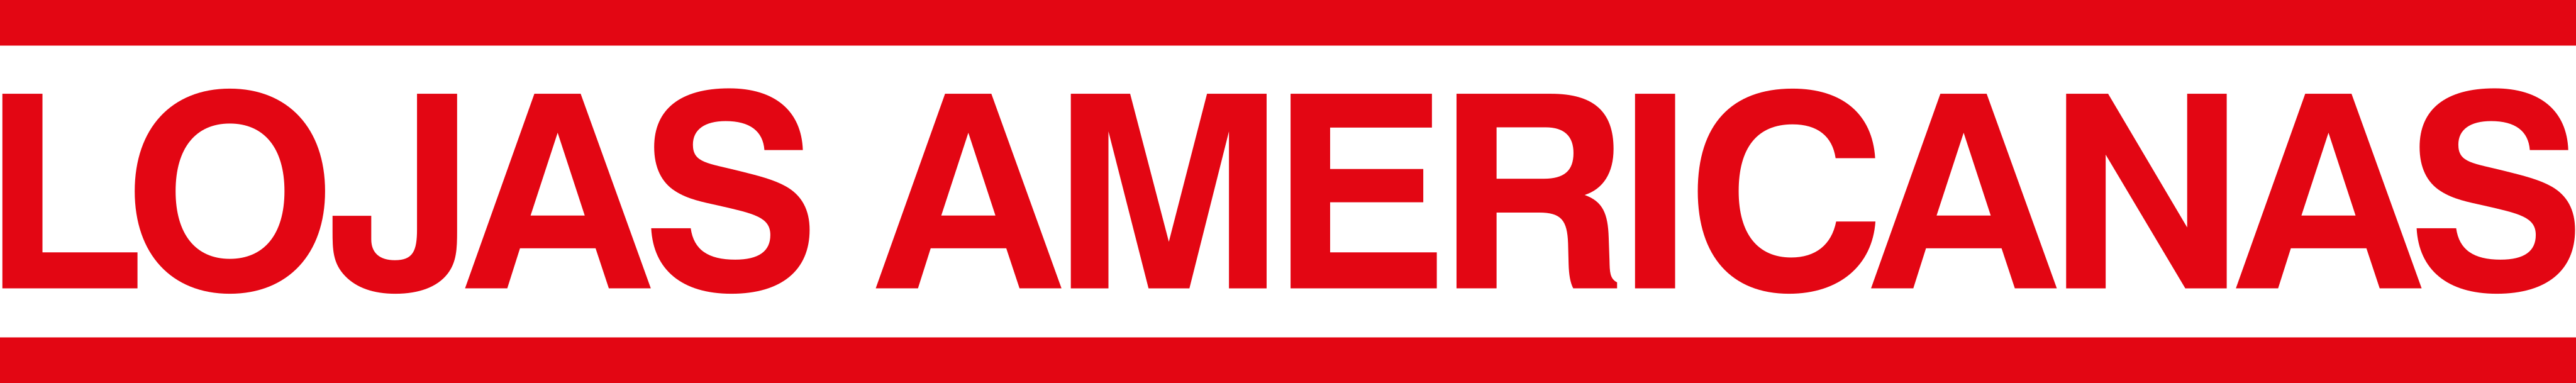 Lojas Americanas Logo.